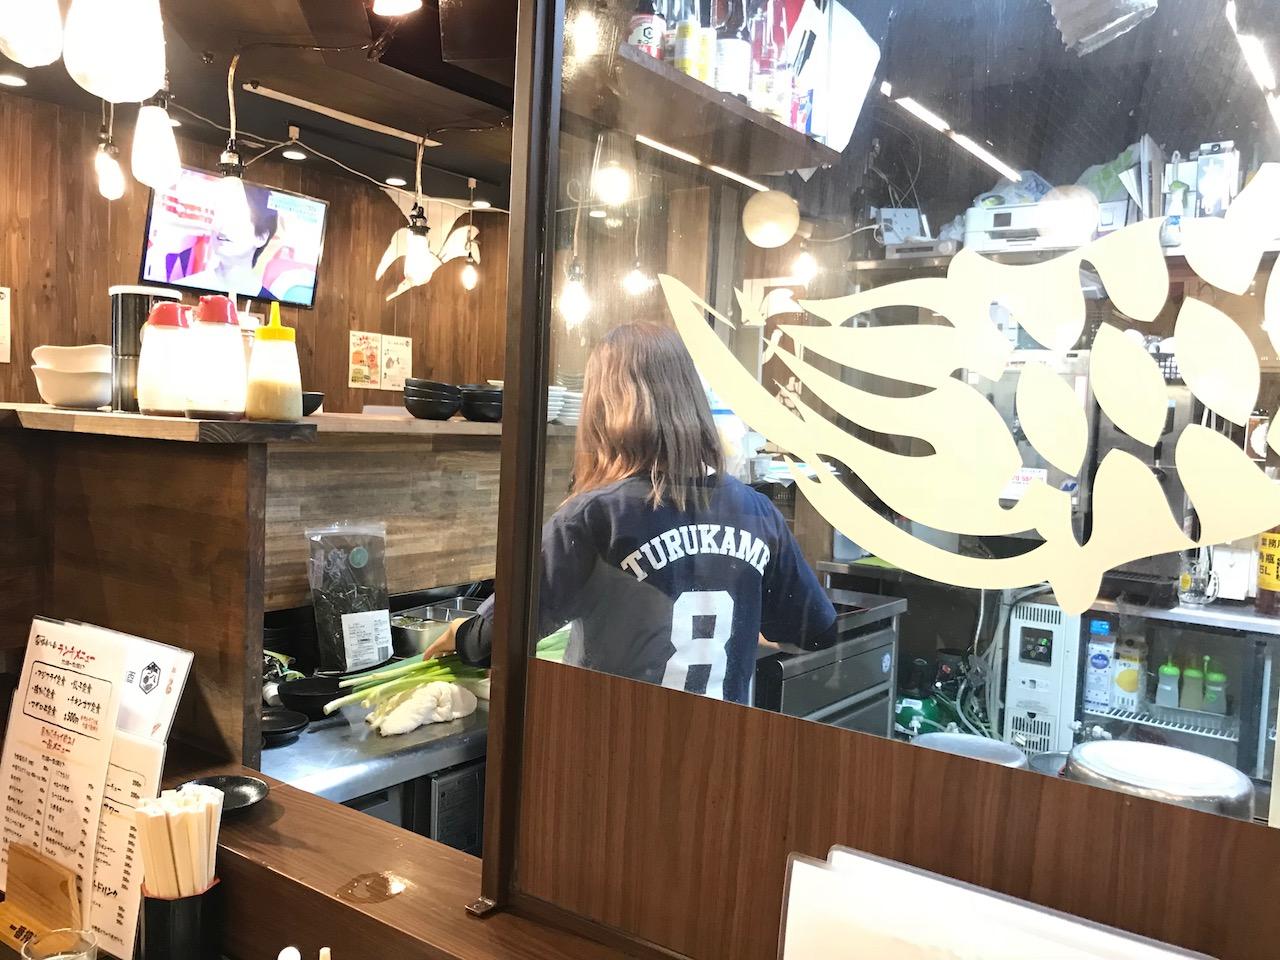 必殺!税抜きワンコイン!立ち飲み居酒屋「鶴亀八番」でチキンカツ定食ランチ食べてきた